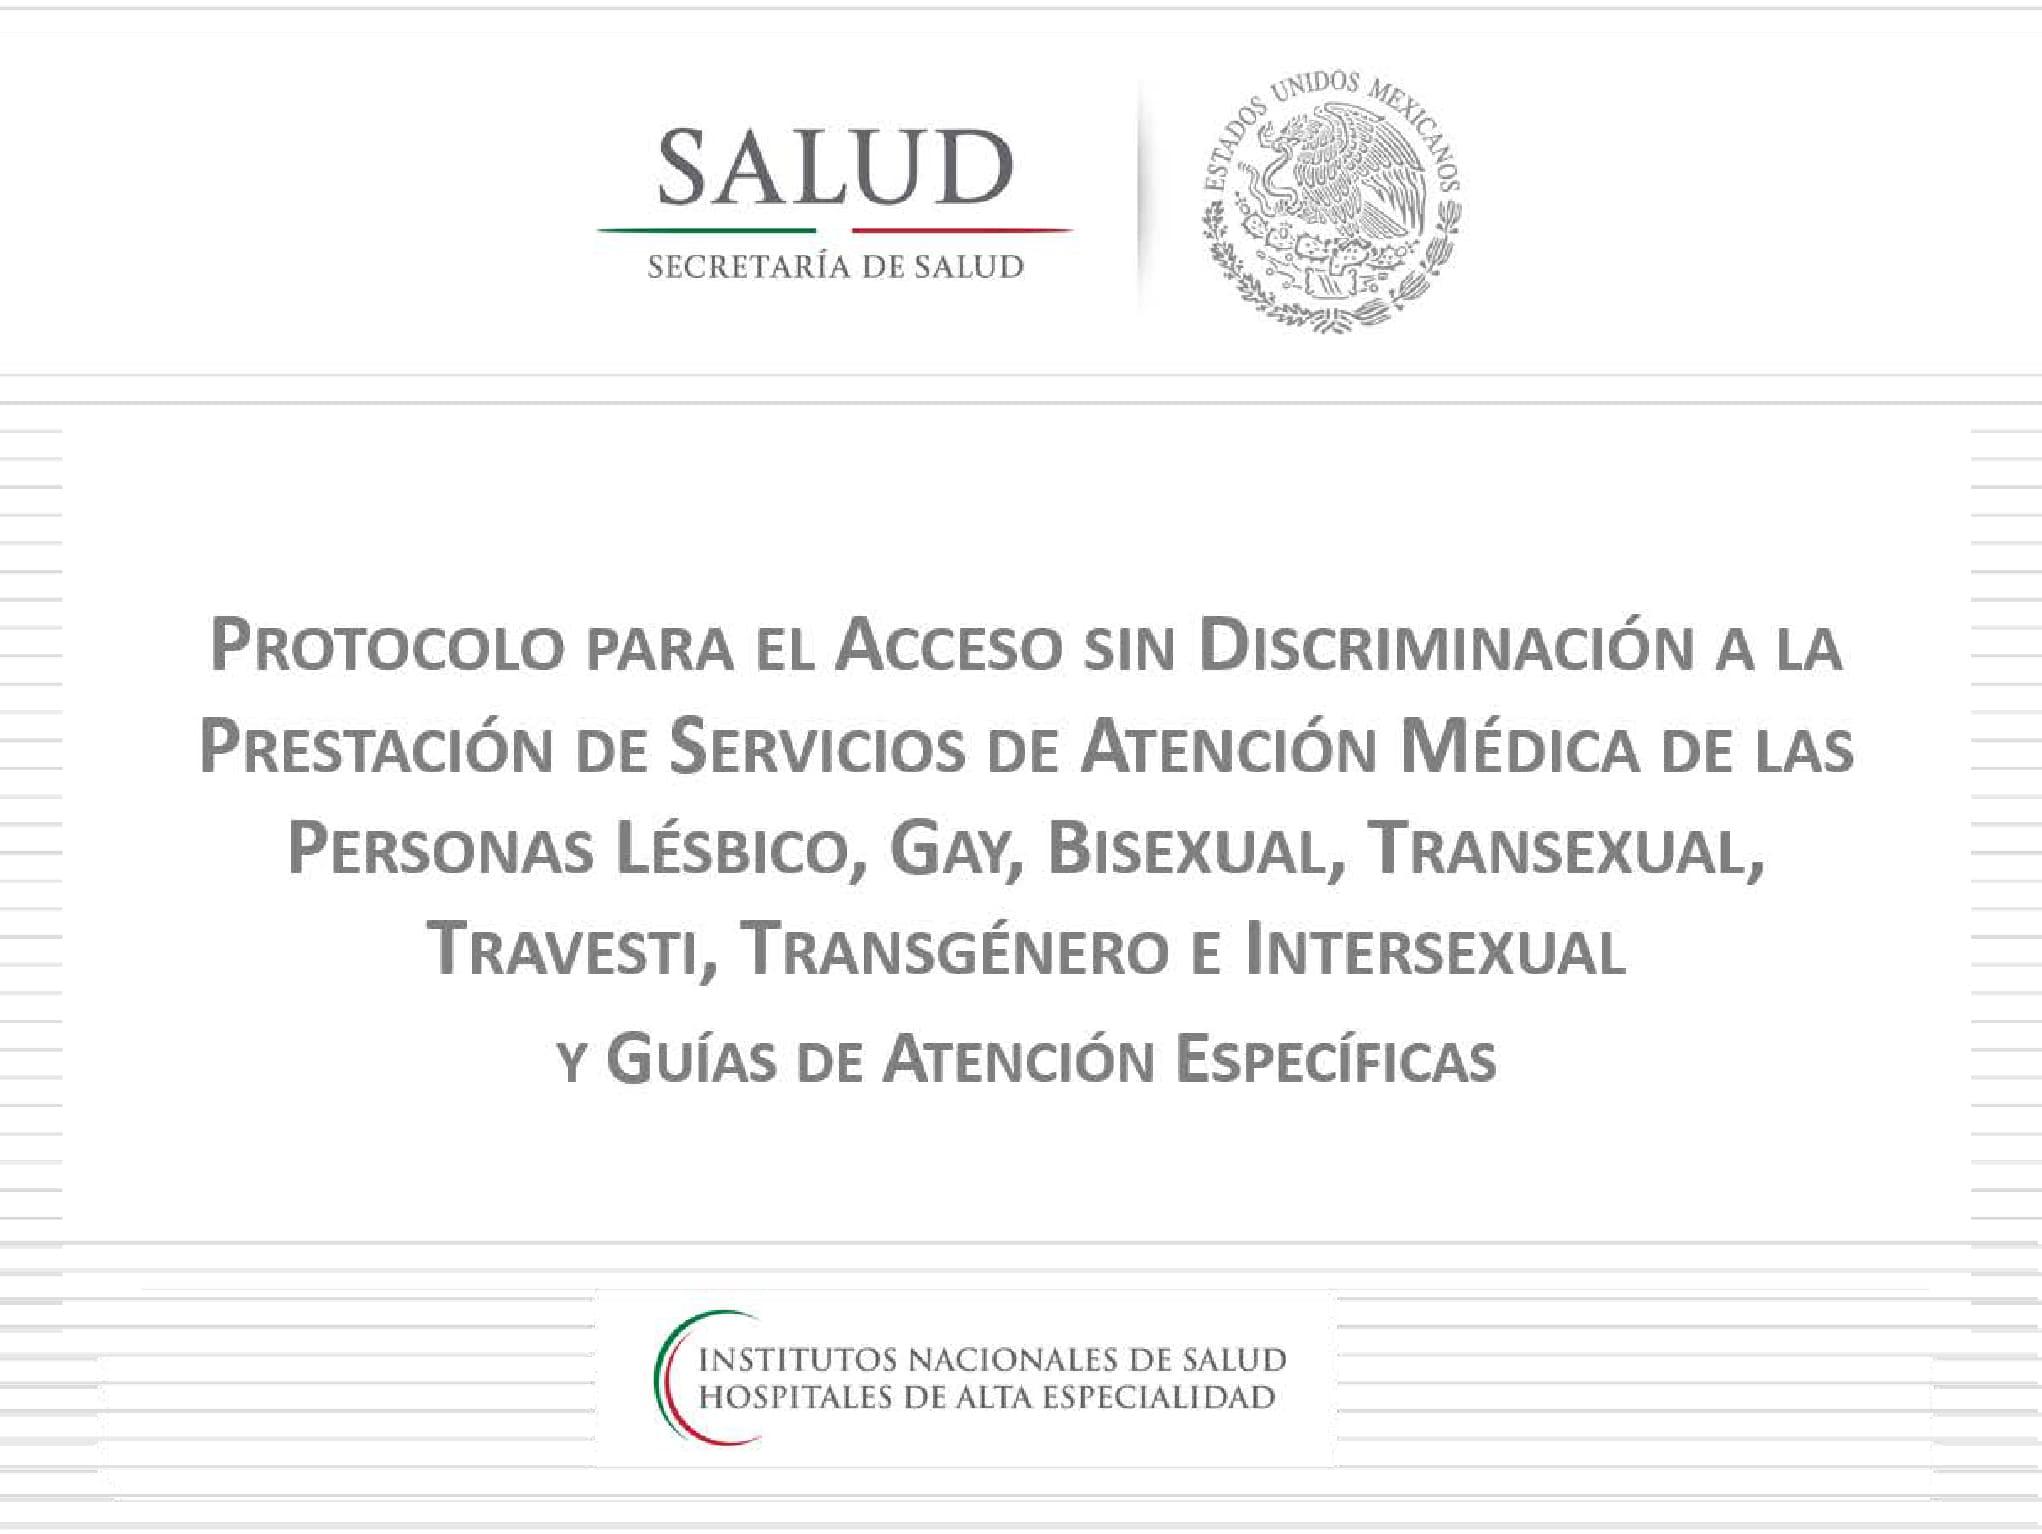 Protocolo para el Acceso sin Discriminación a la Prestación de Servicios de Atención Médica de las Personas LGBTTTI